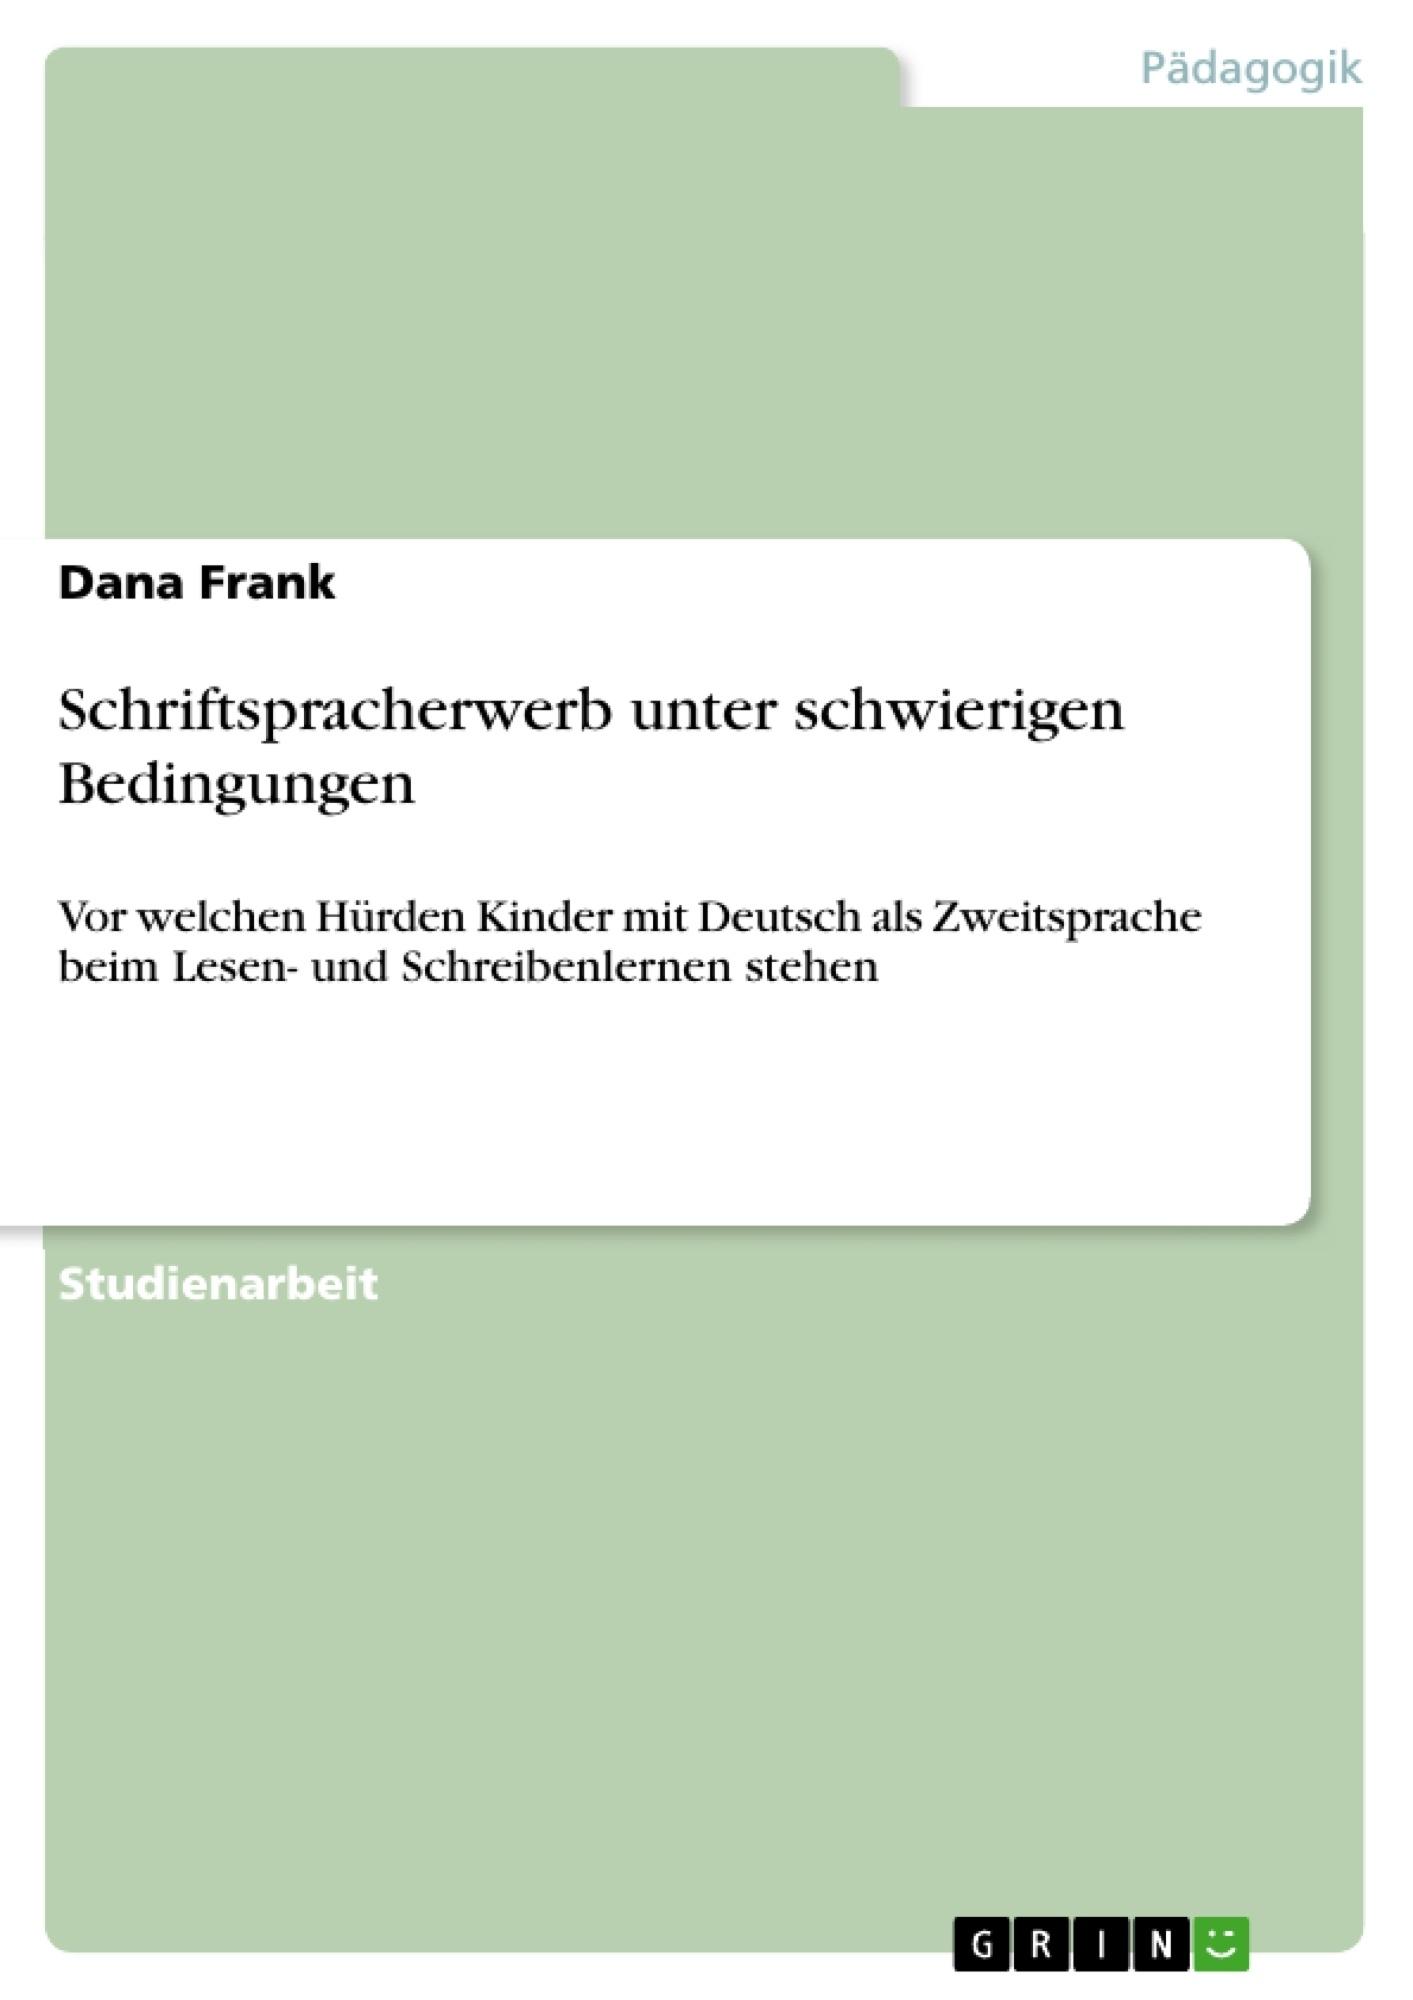 Titel: Schriftspracherwerb unter schwierigen Bedingungen